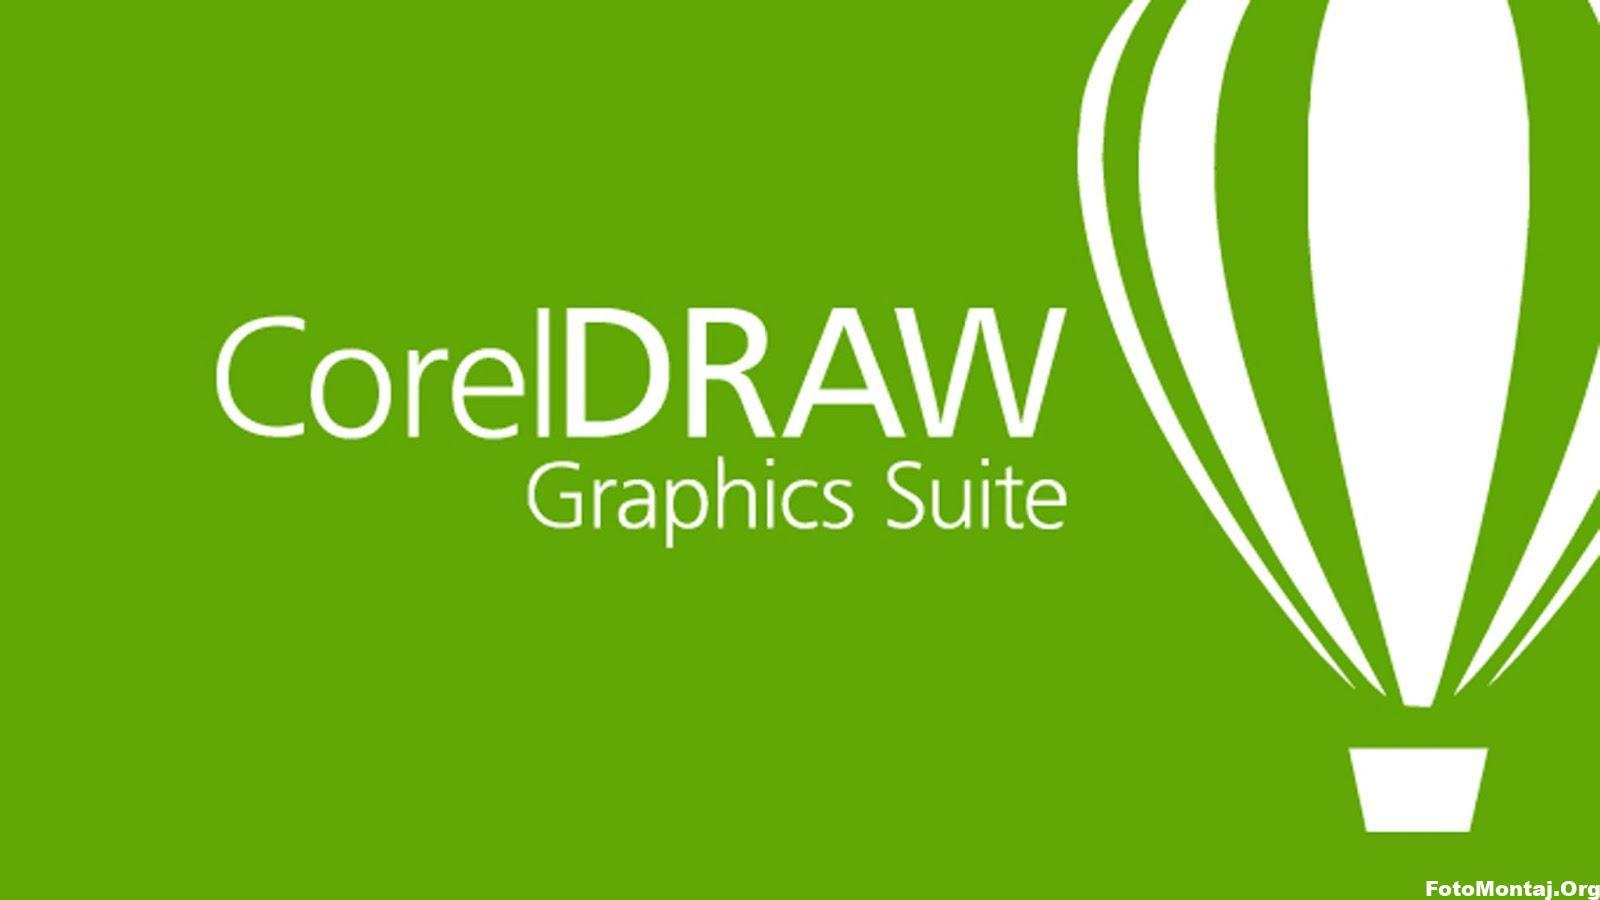 Ücretsiz En Kaliteli Vektörel Çizim Siteleri - Corel Draw